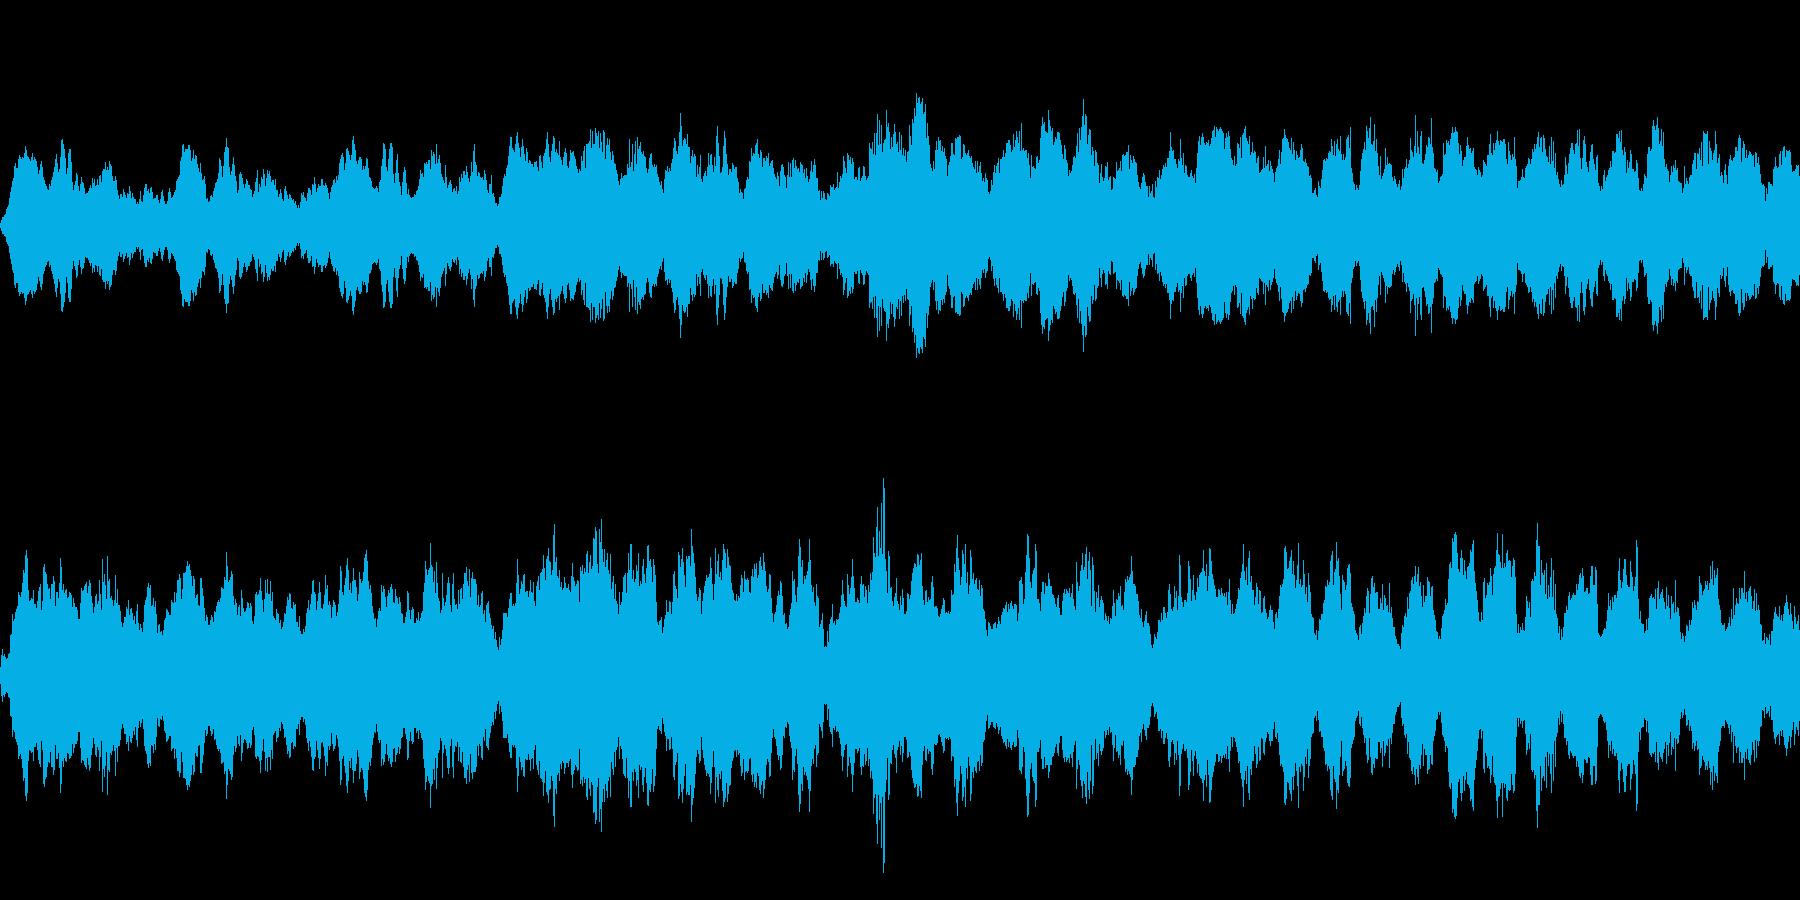 ダーク、ホラー、恐怖の演出 ループ素材の再生済みの波形